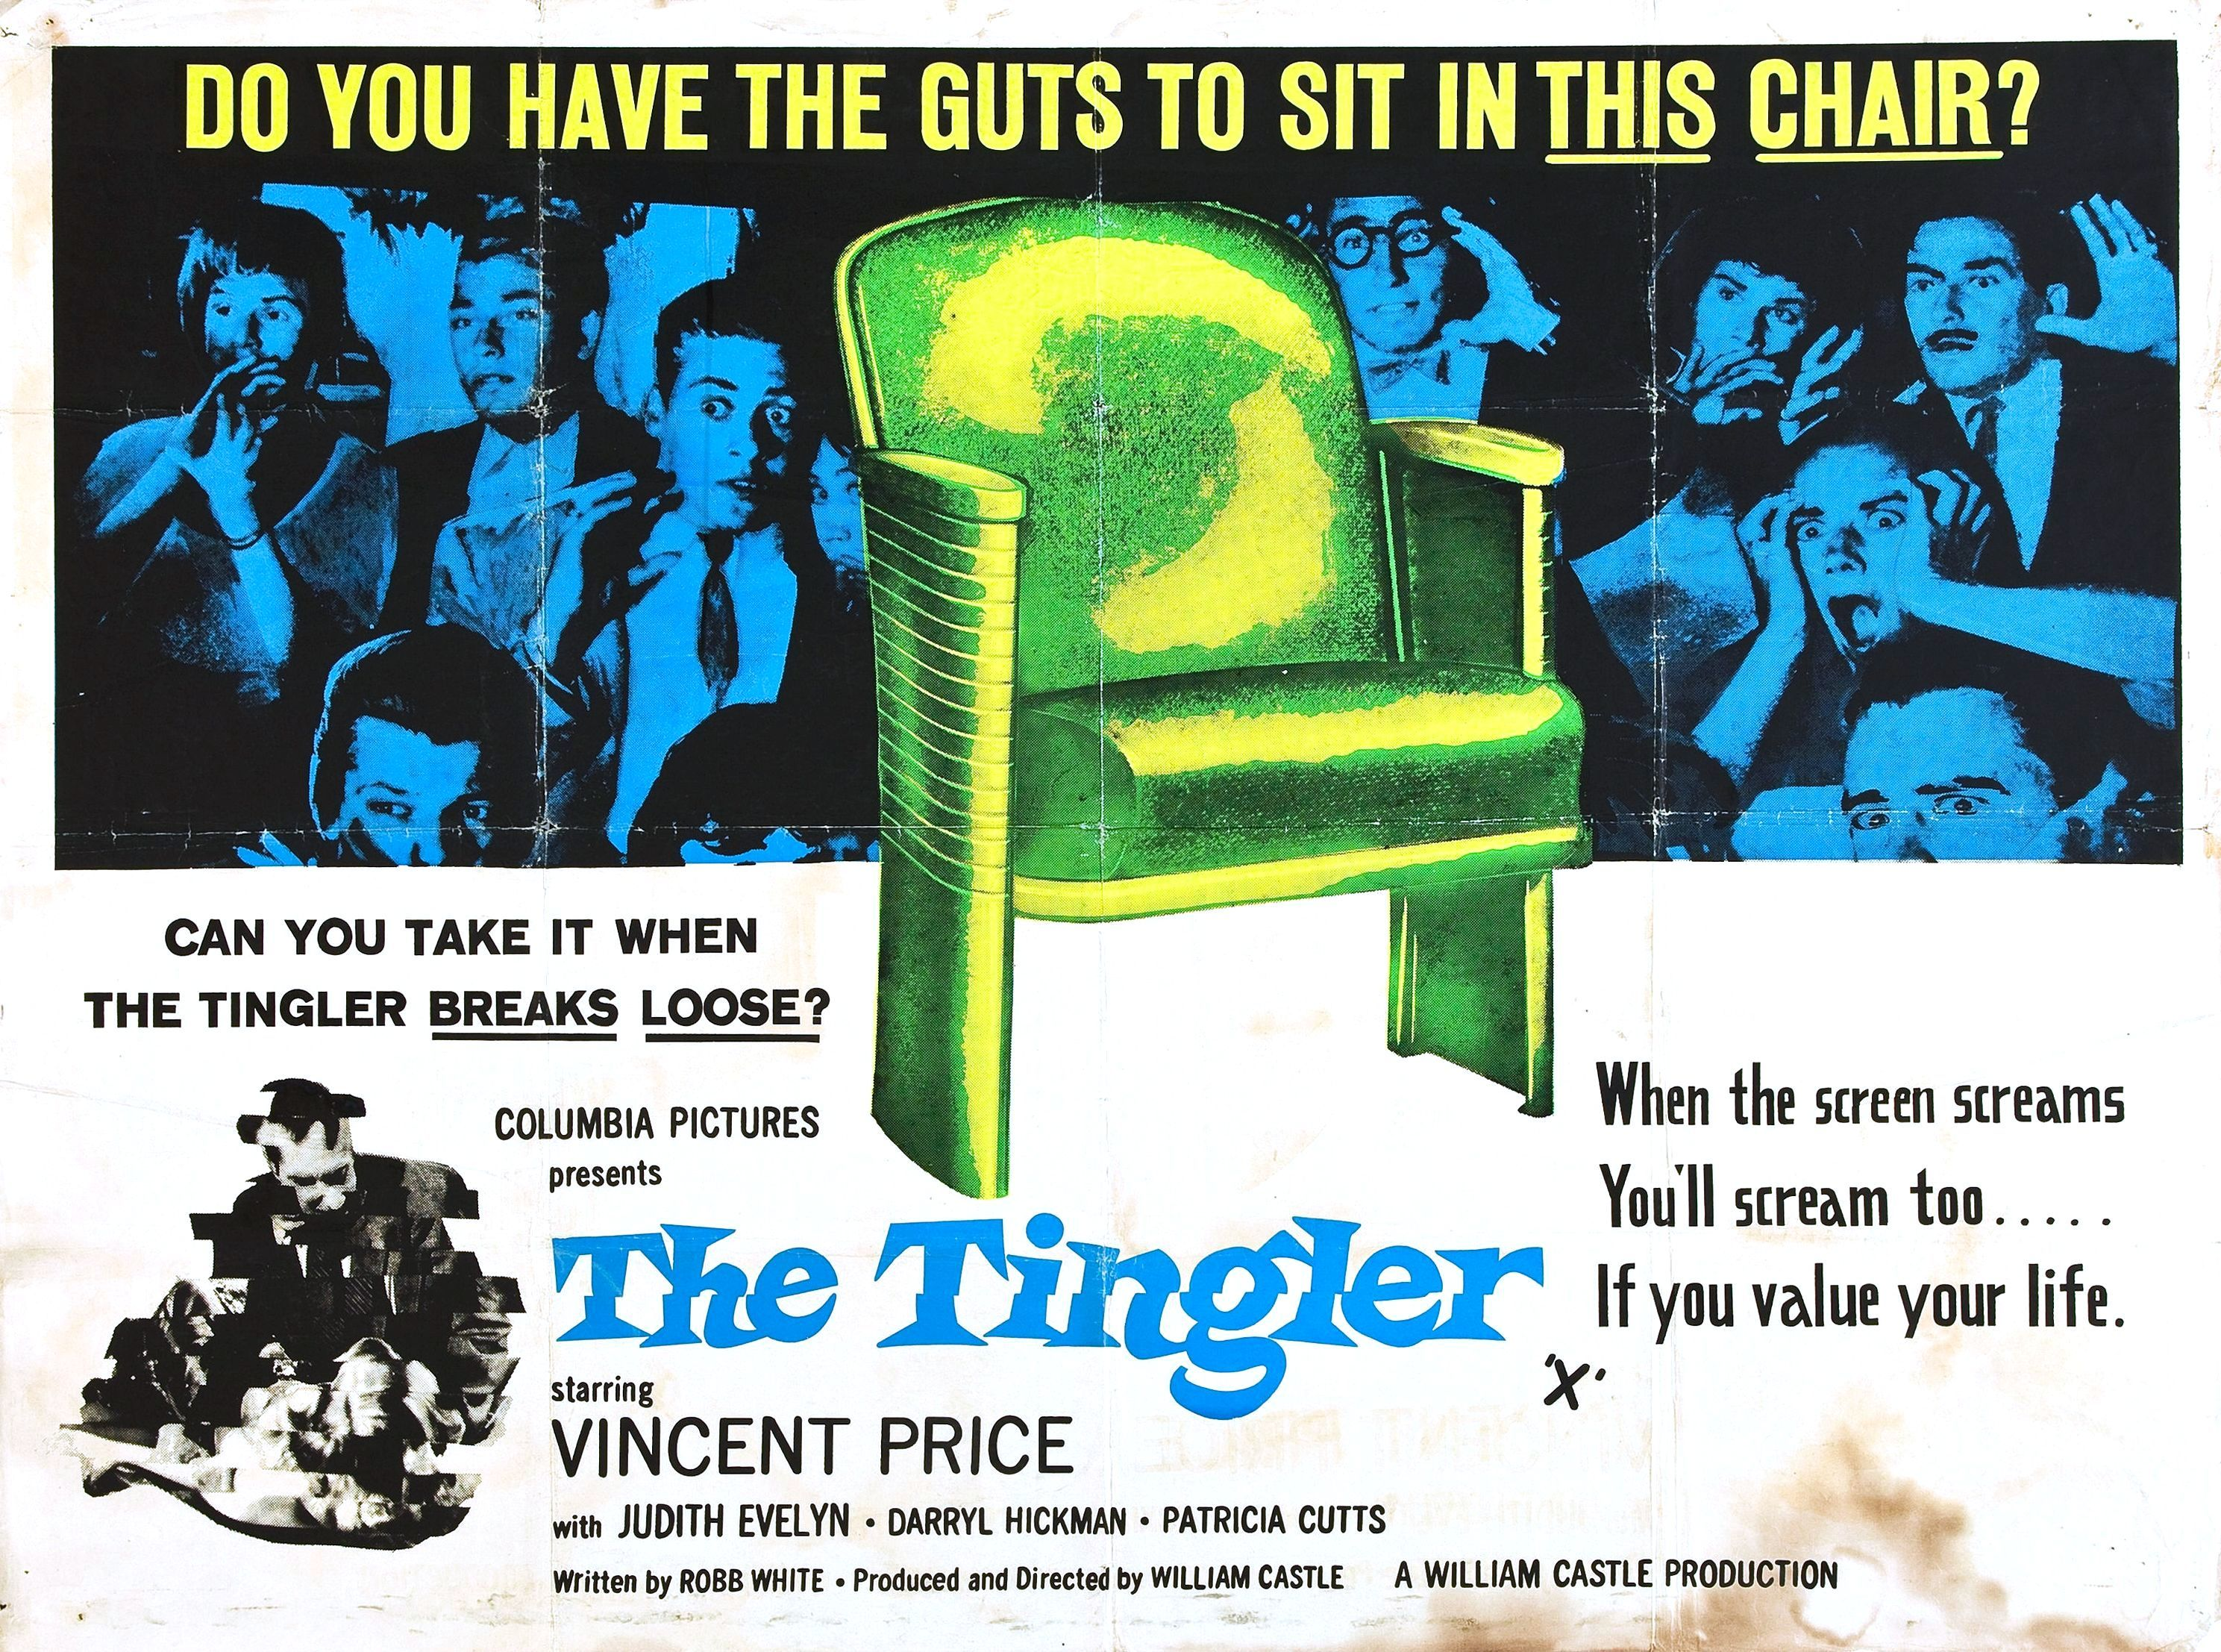 tingler_poster_04.jpg